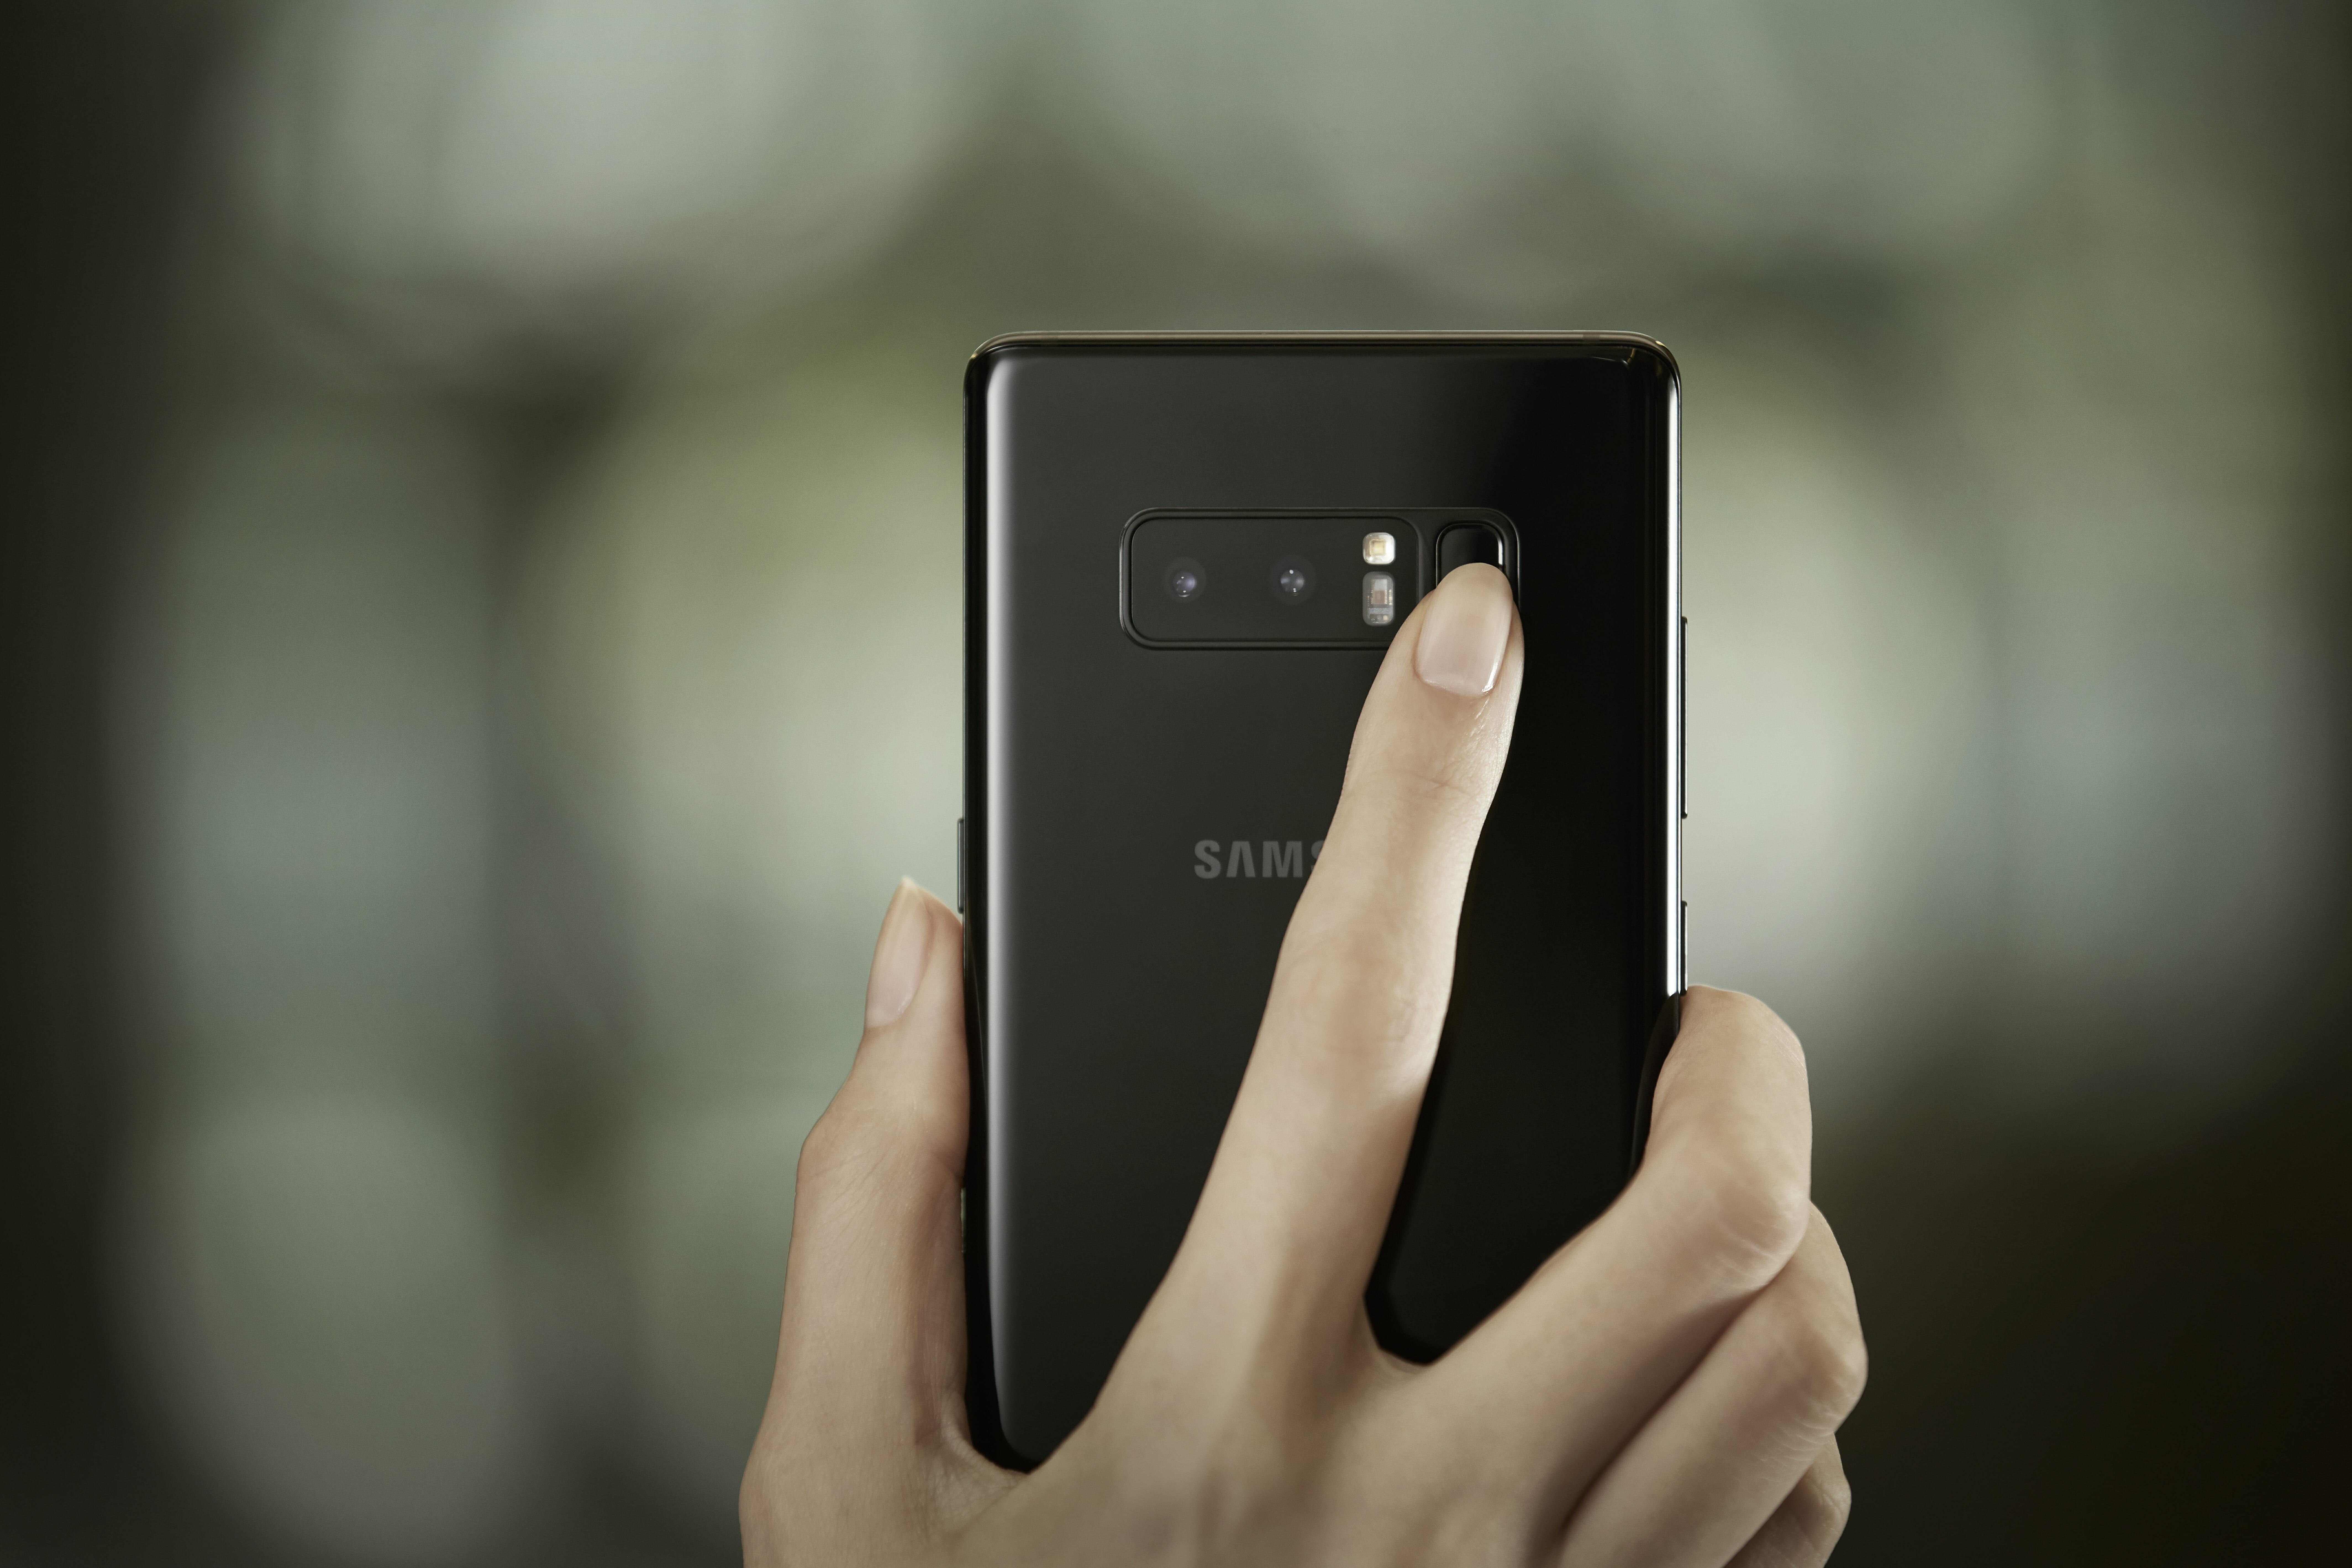 Samsung fingerprint sensor